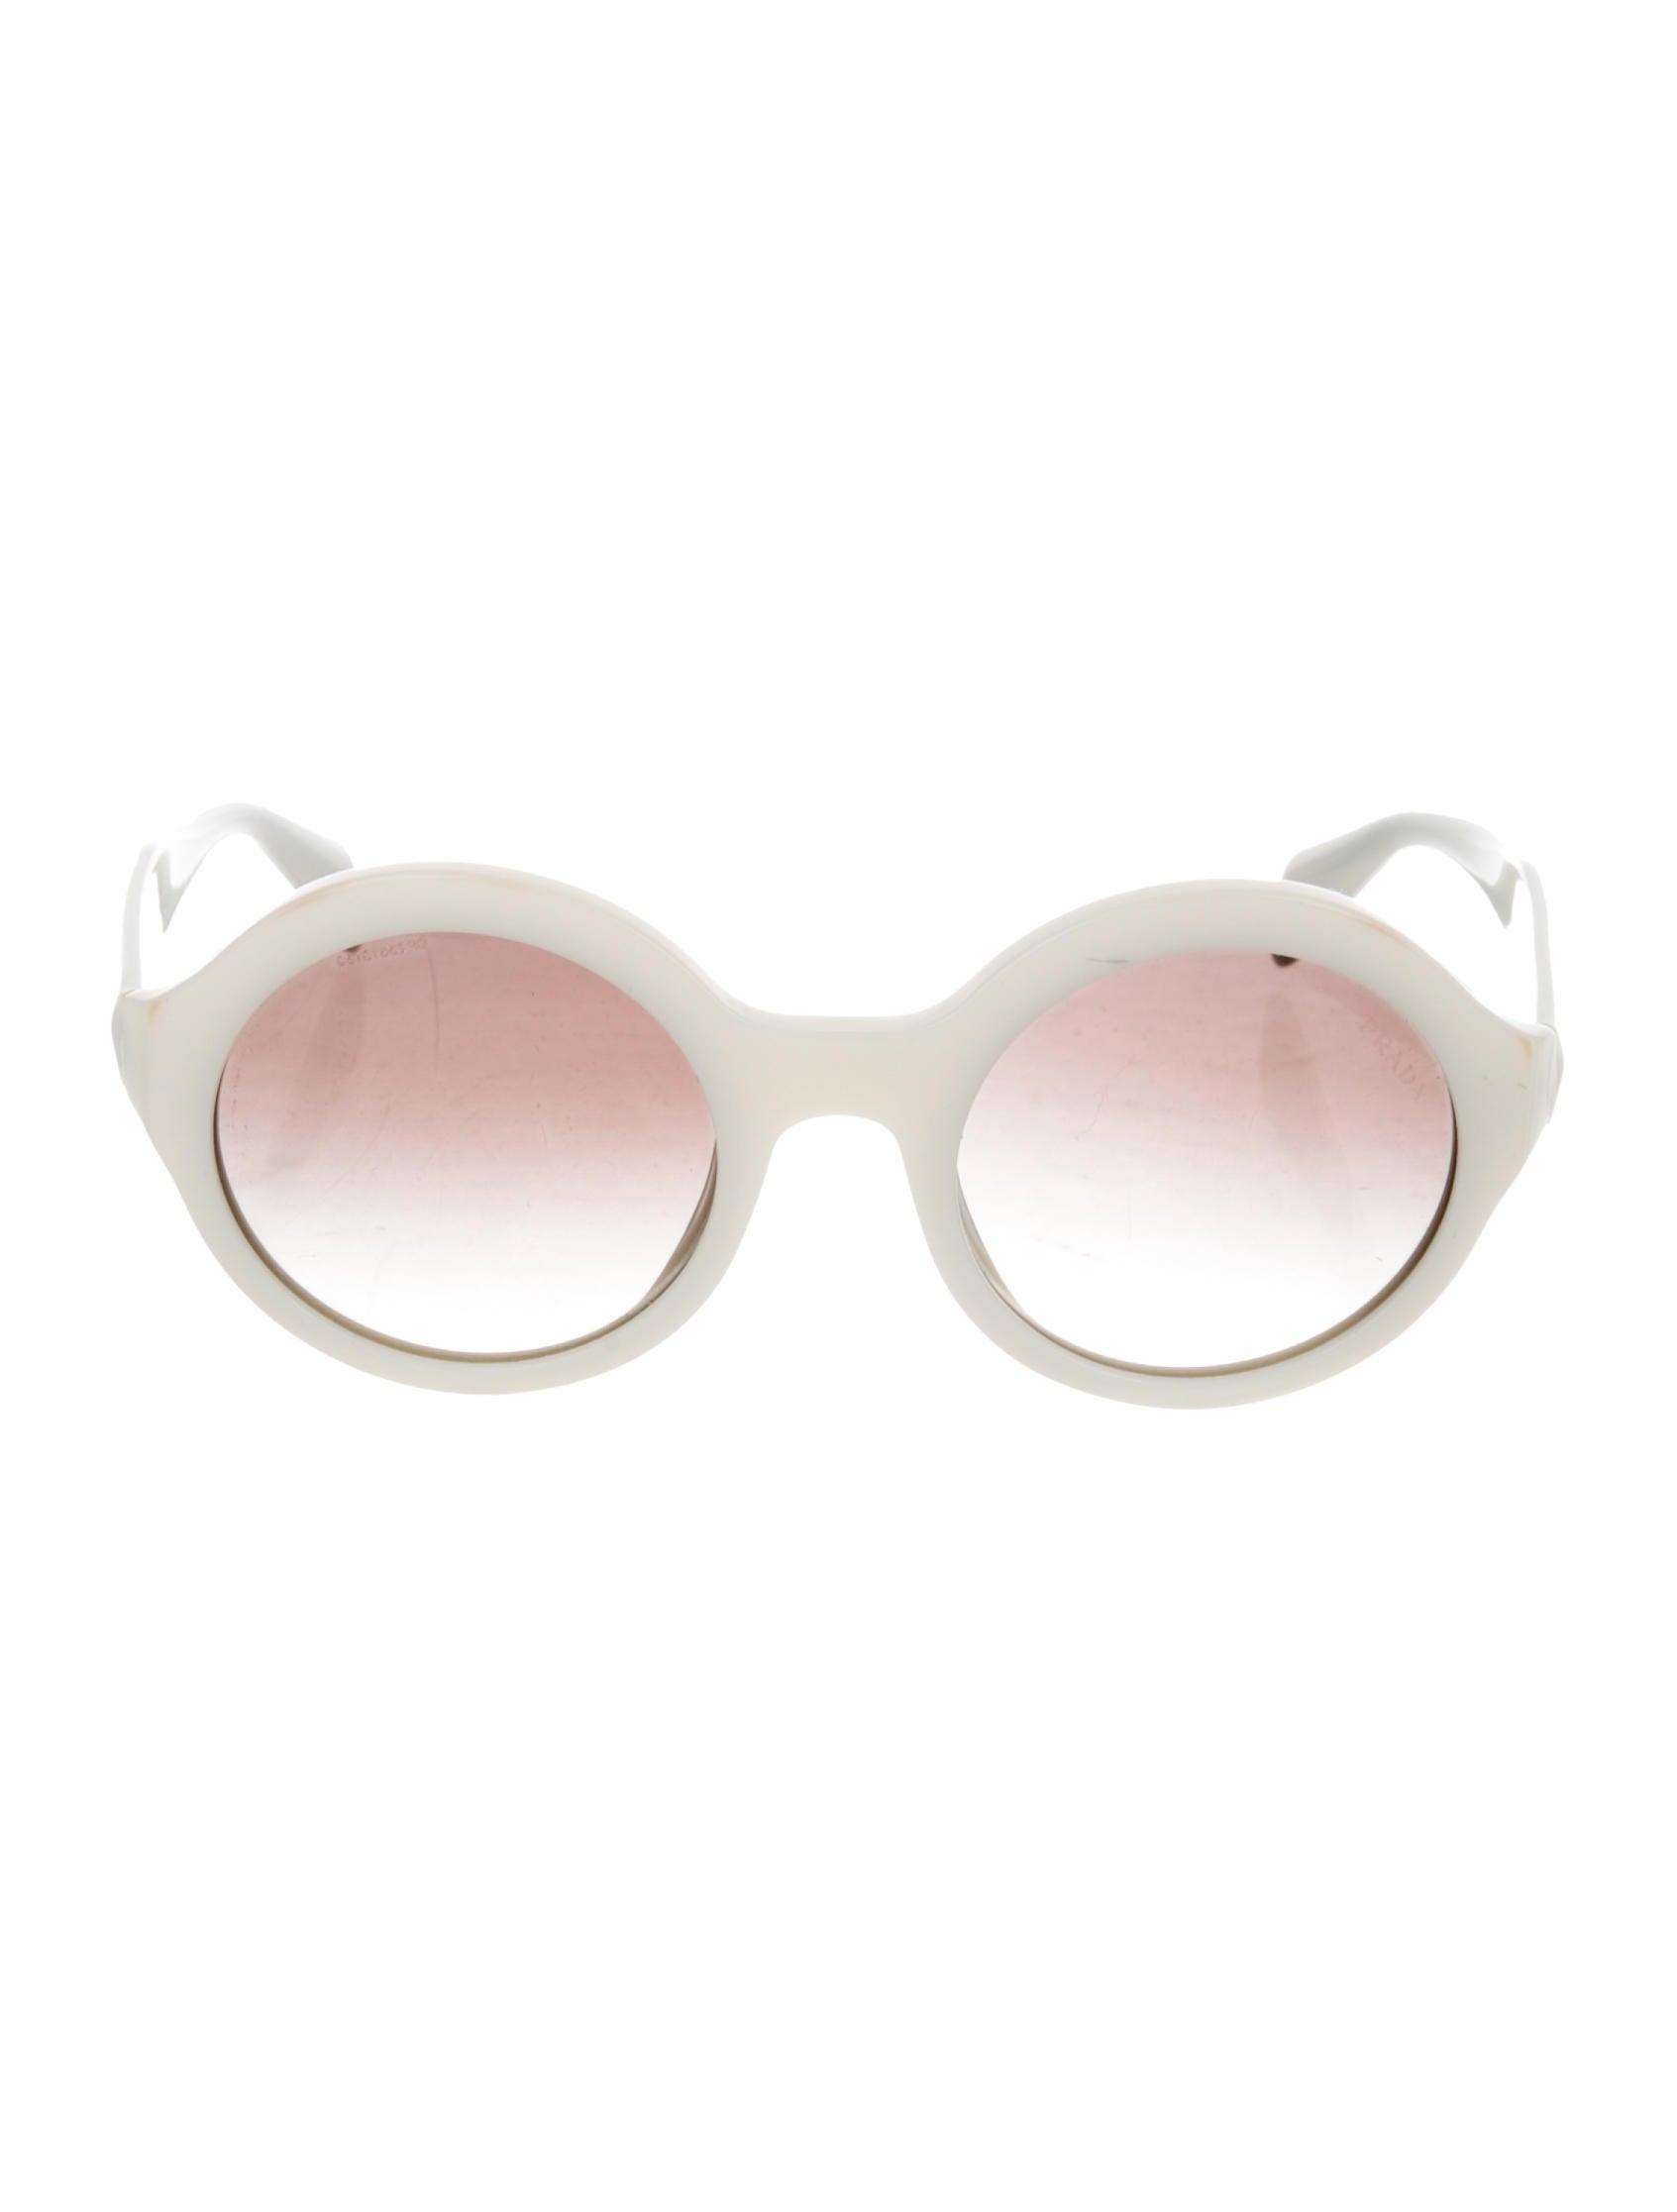 b00fe9cadb Prada Round Gradient Sunglasses - Accessories - PRA271846